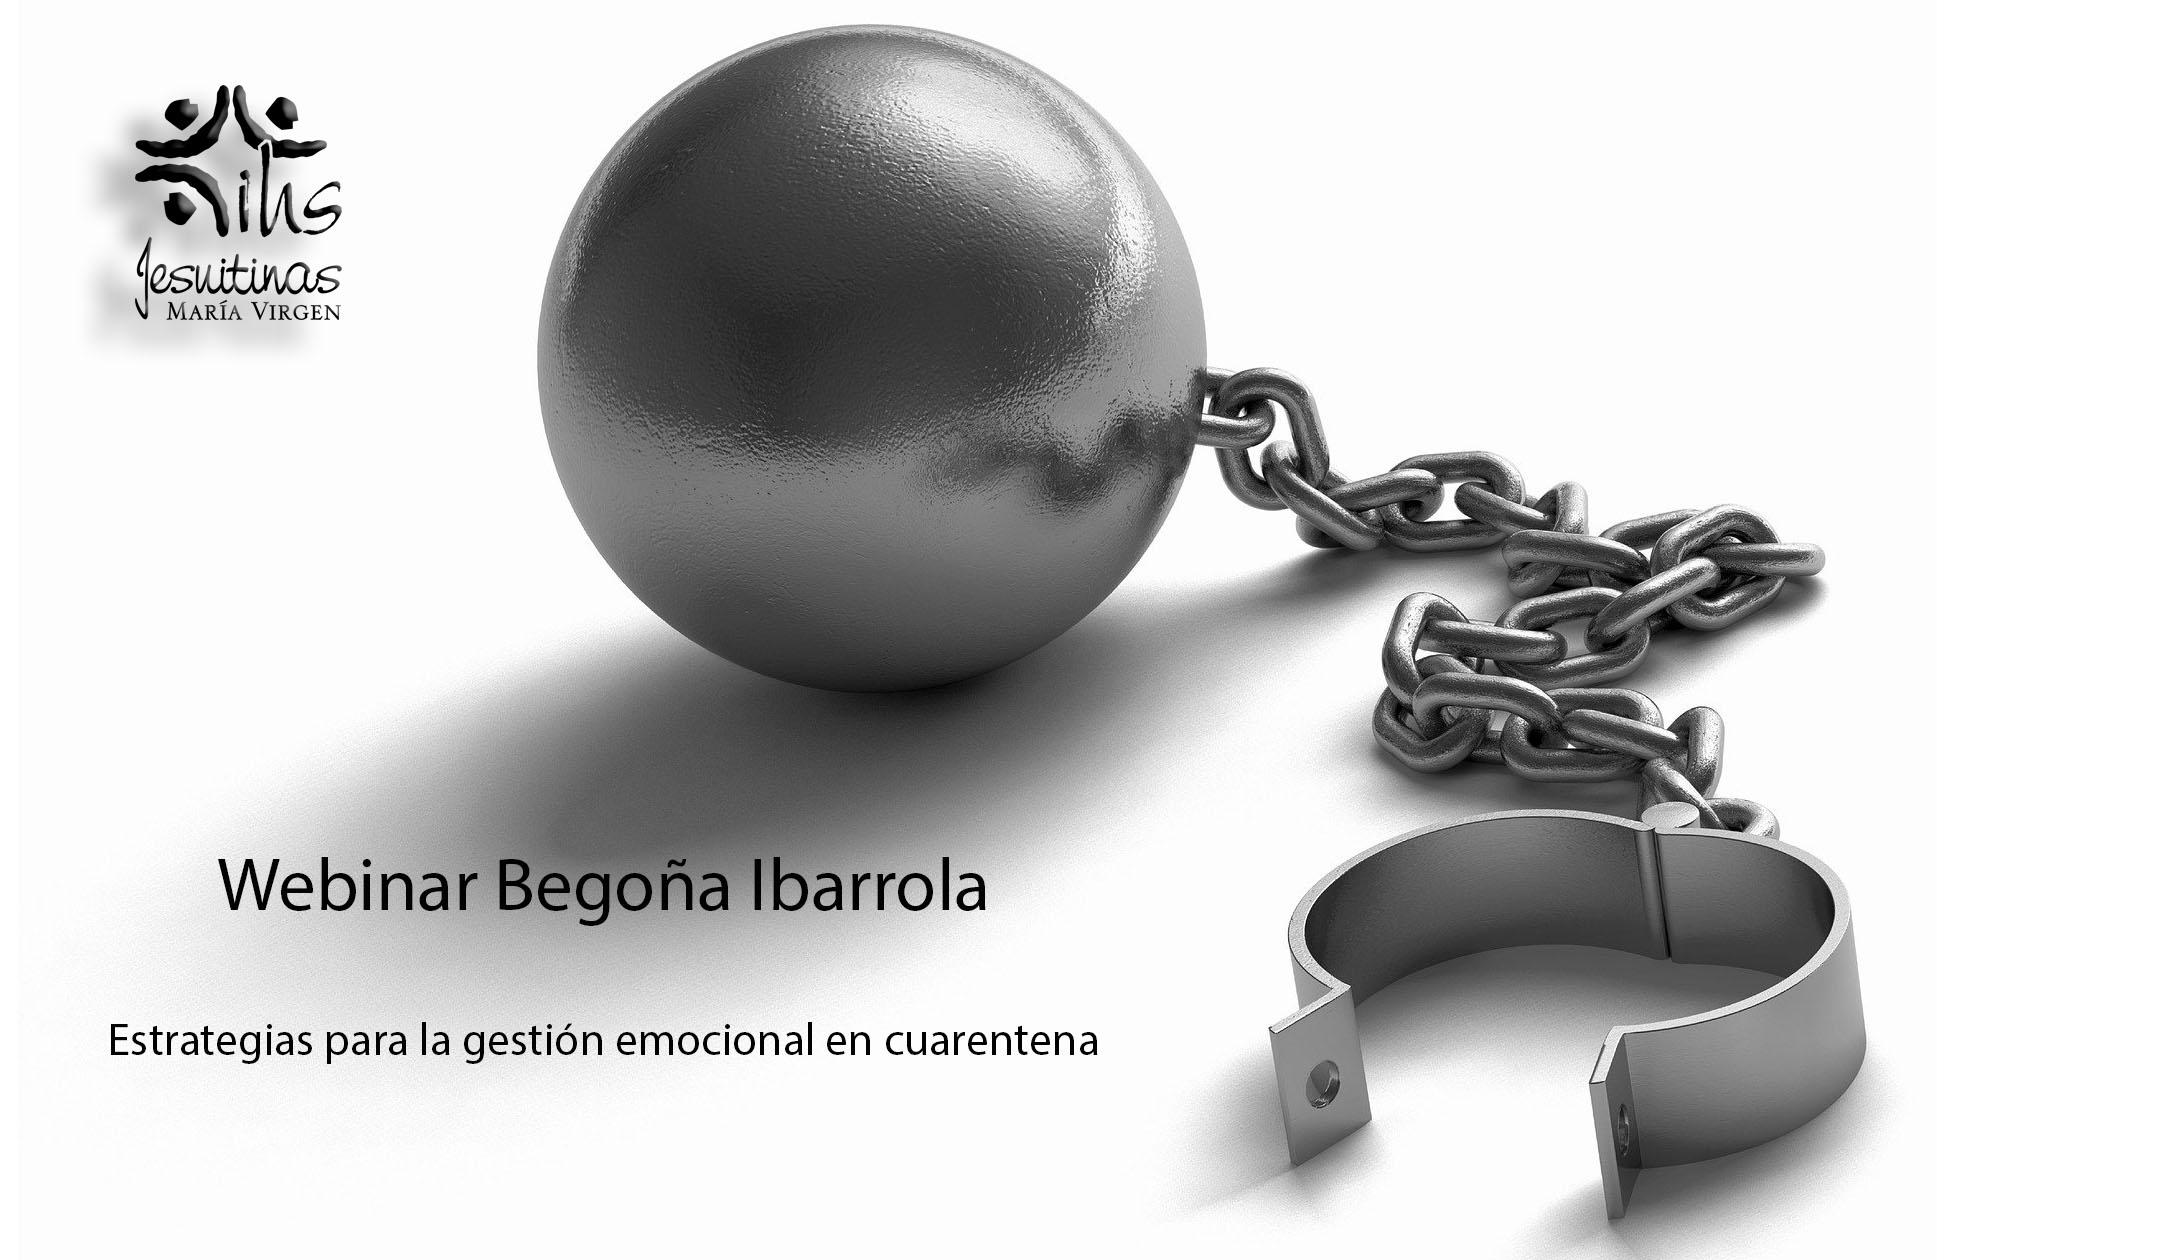 Begoña Ibarrola en colegio María Virgen Madrid